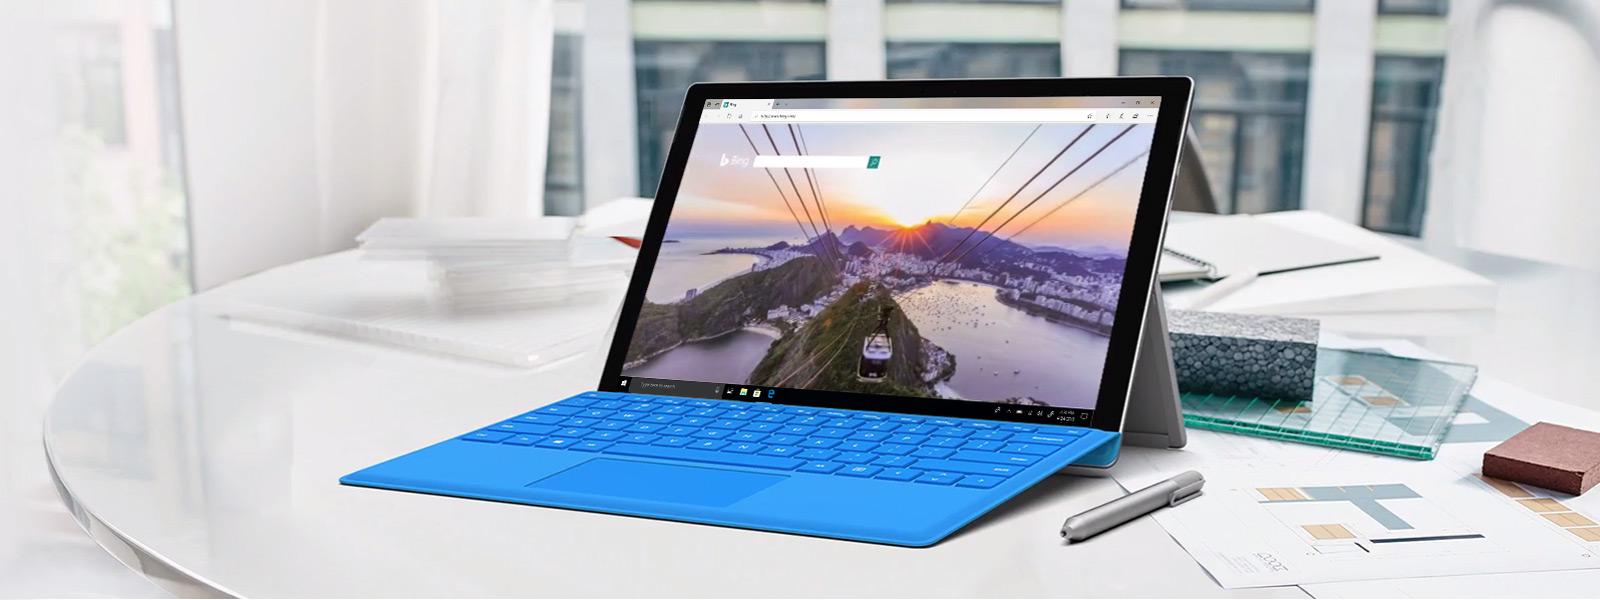 مستعرض Microsoft Edge يعرض شاشة بحث Bing